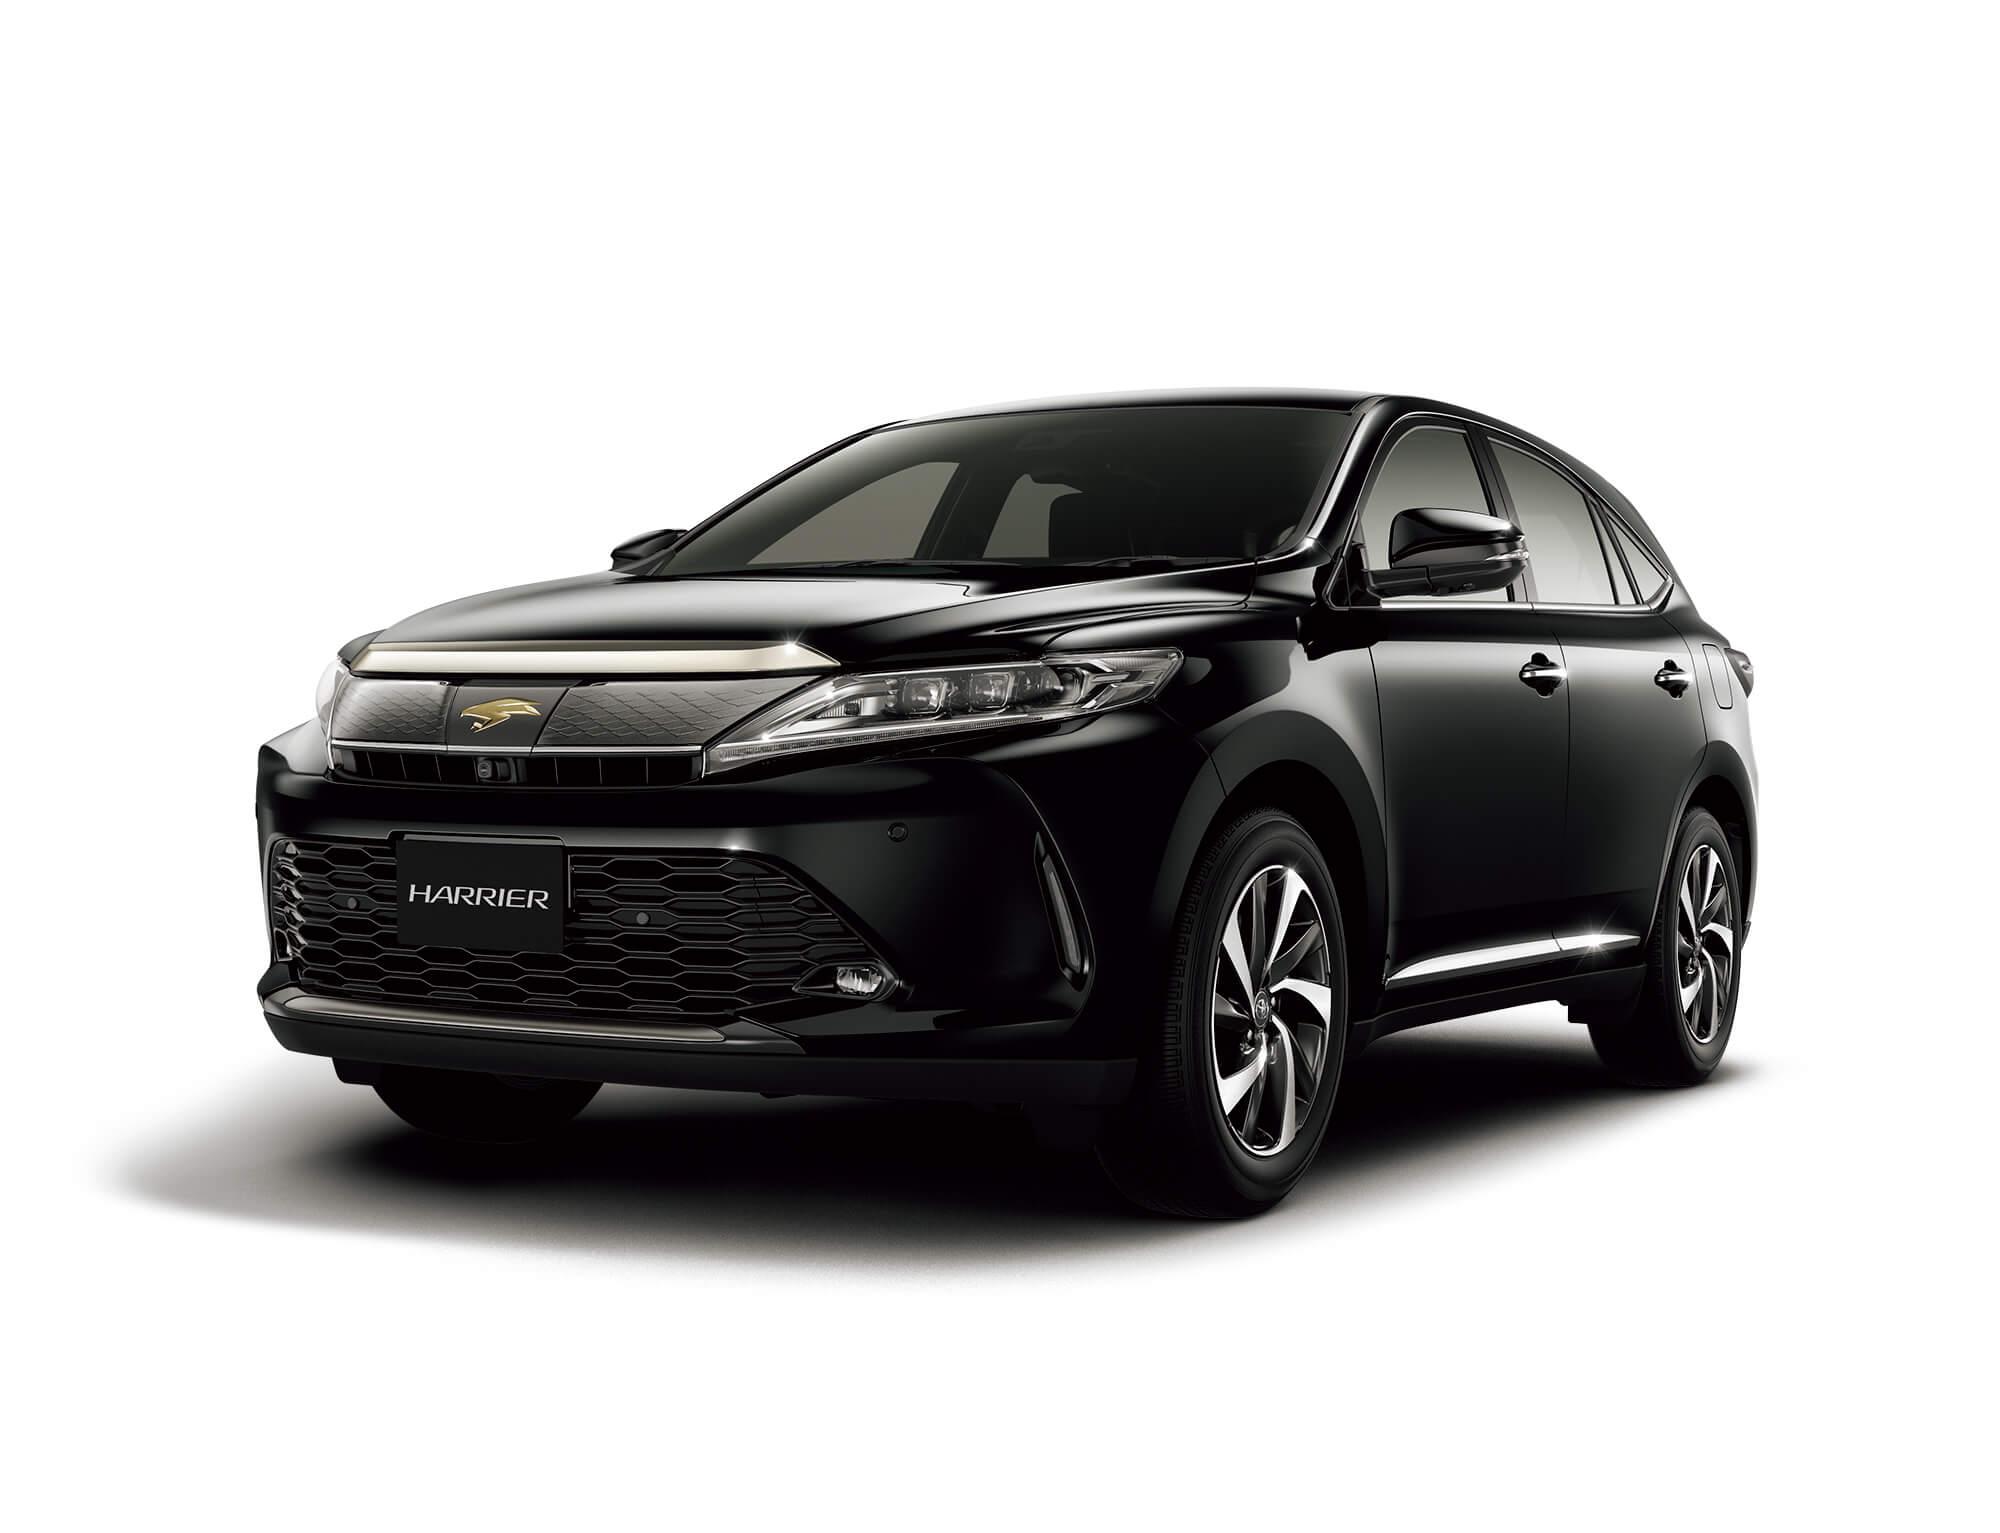 中古車人気ランキング 2019 トヨタ ハリアー